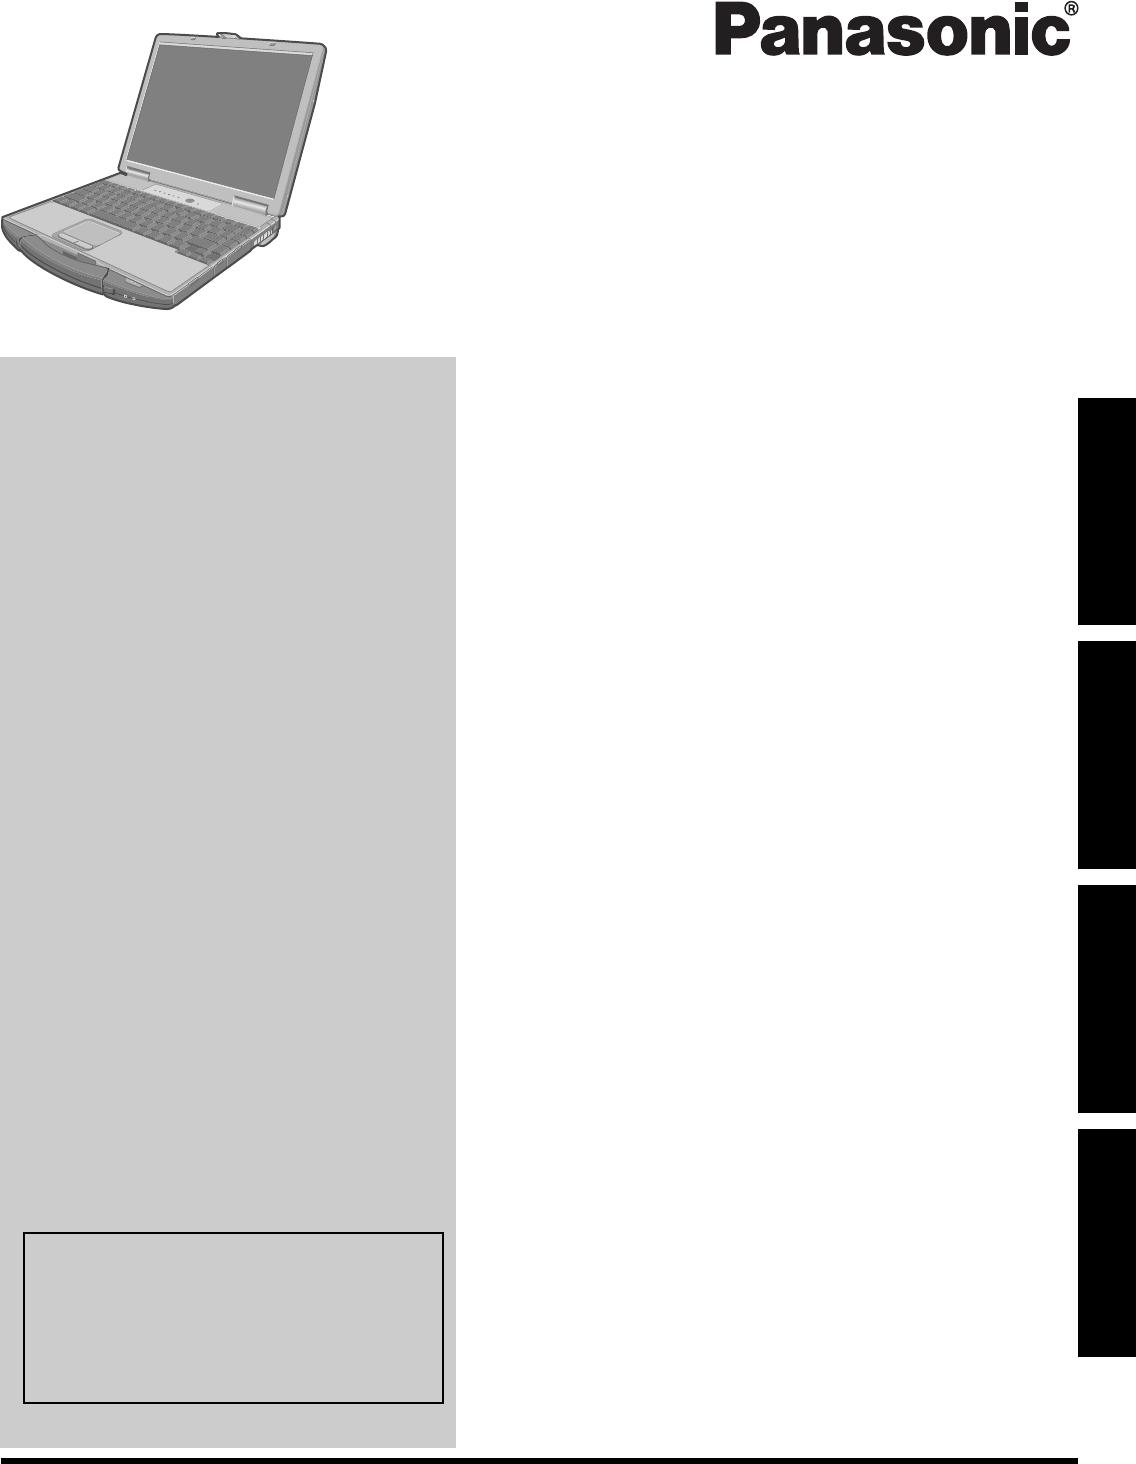 ANYCOM ECO 33.6K FAXMODEM PC CARD DRIVER WINDOWS 7 (2019)